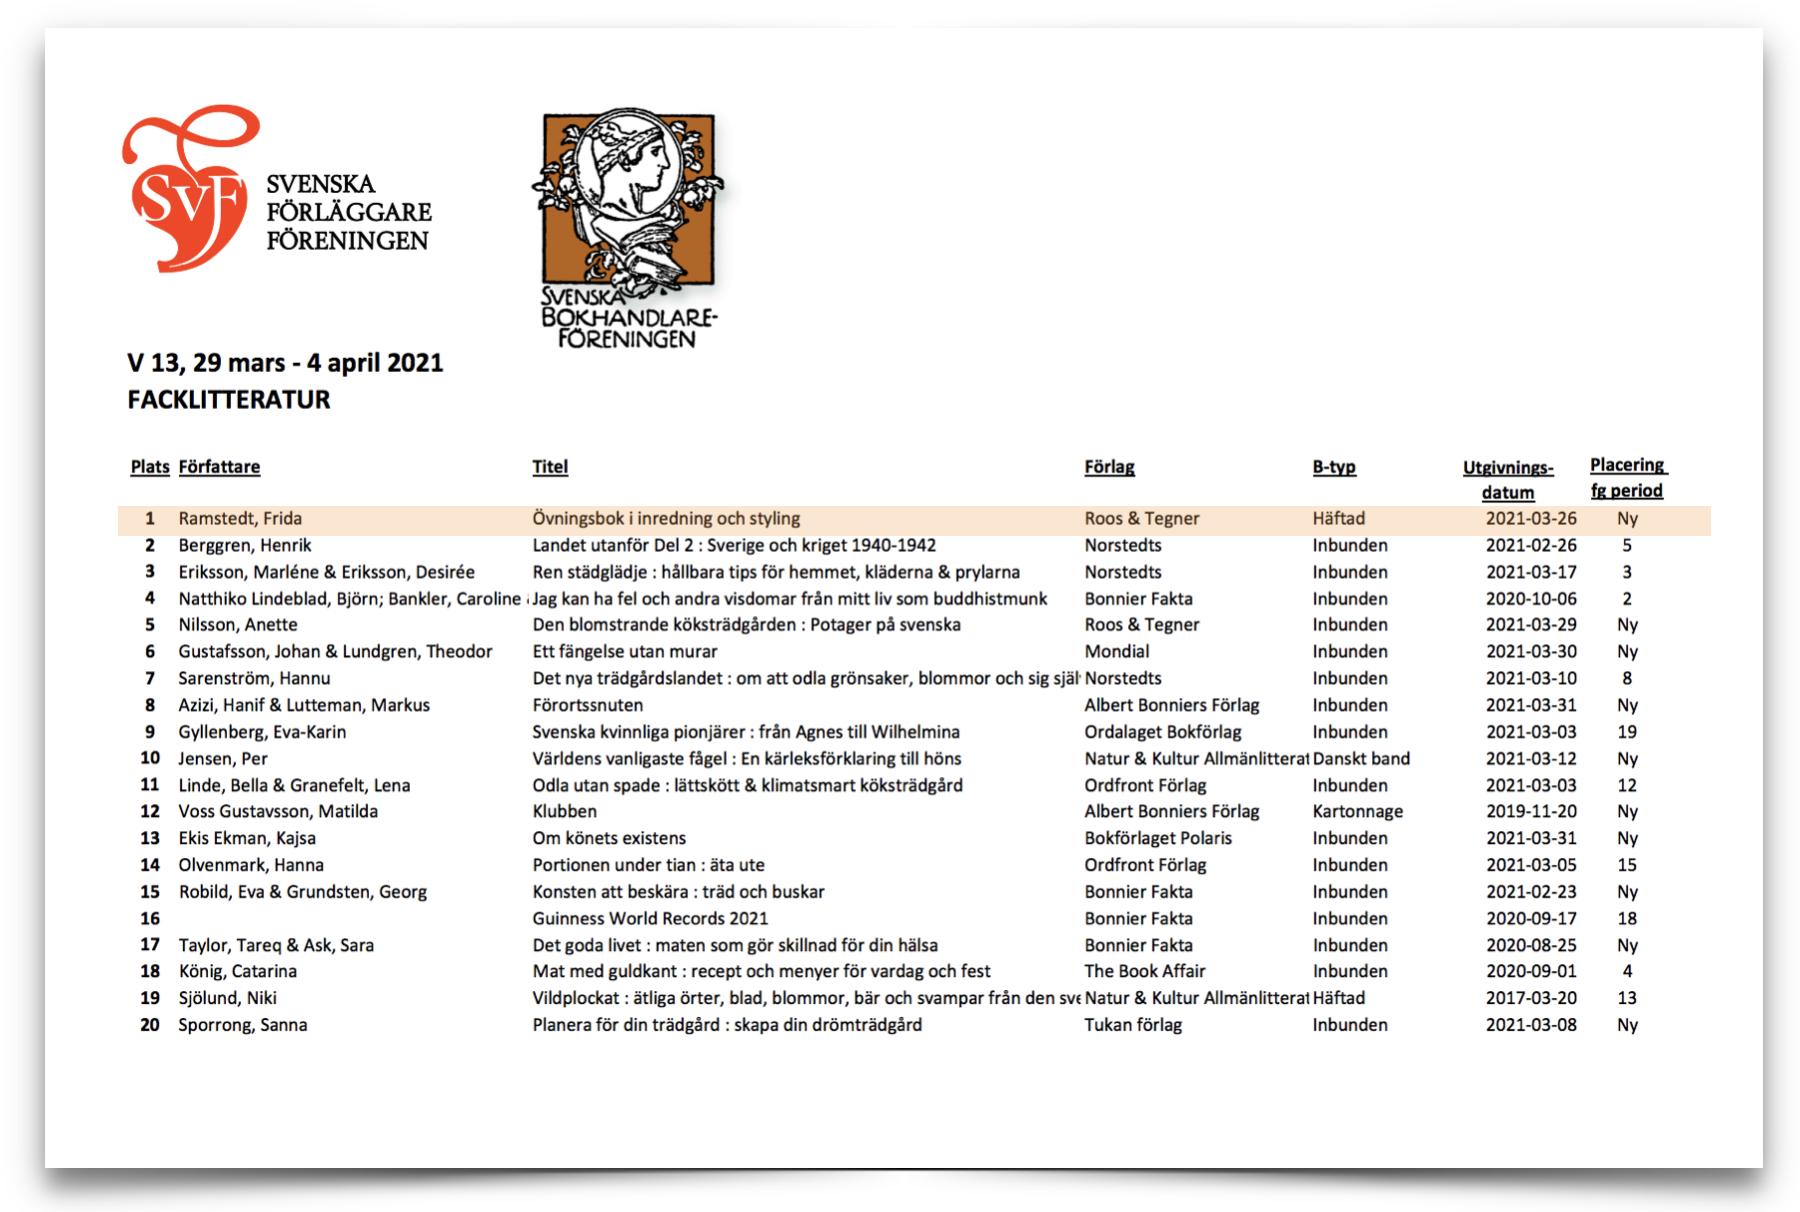 Övningsbok inredning säljstatistik